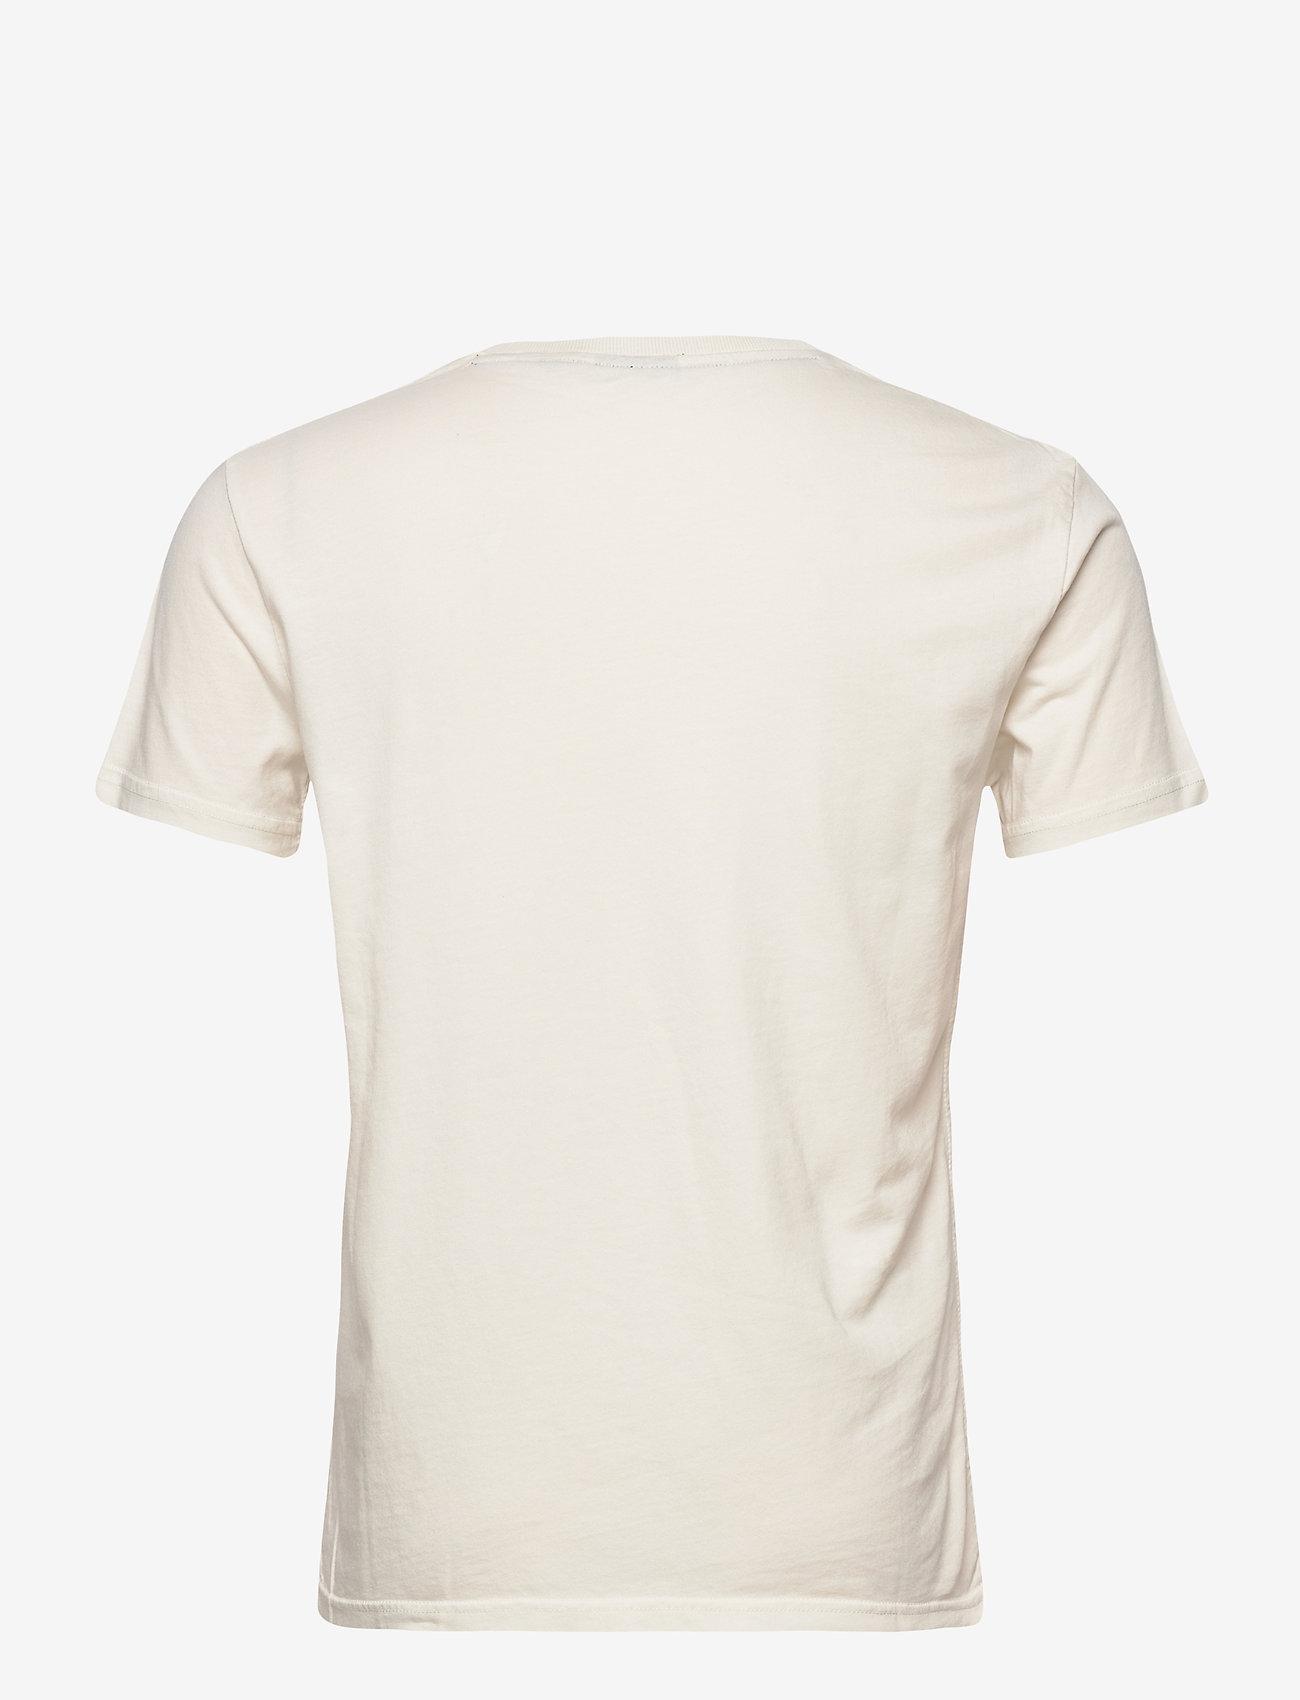 Superdry Dry Goods Pocket Tee - T-skjorter CHALK - Menn Klær